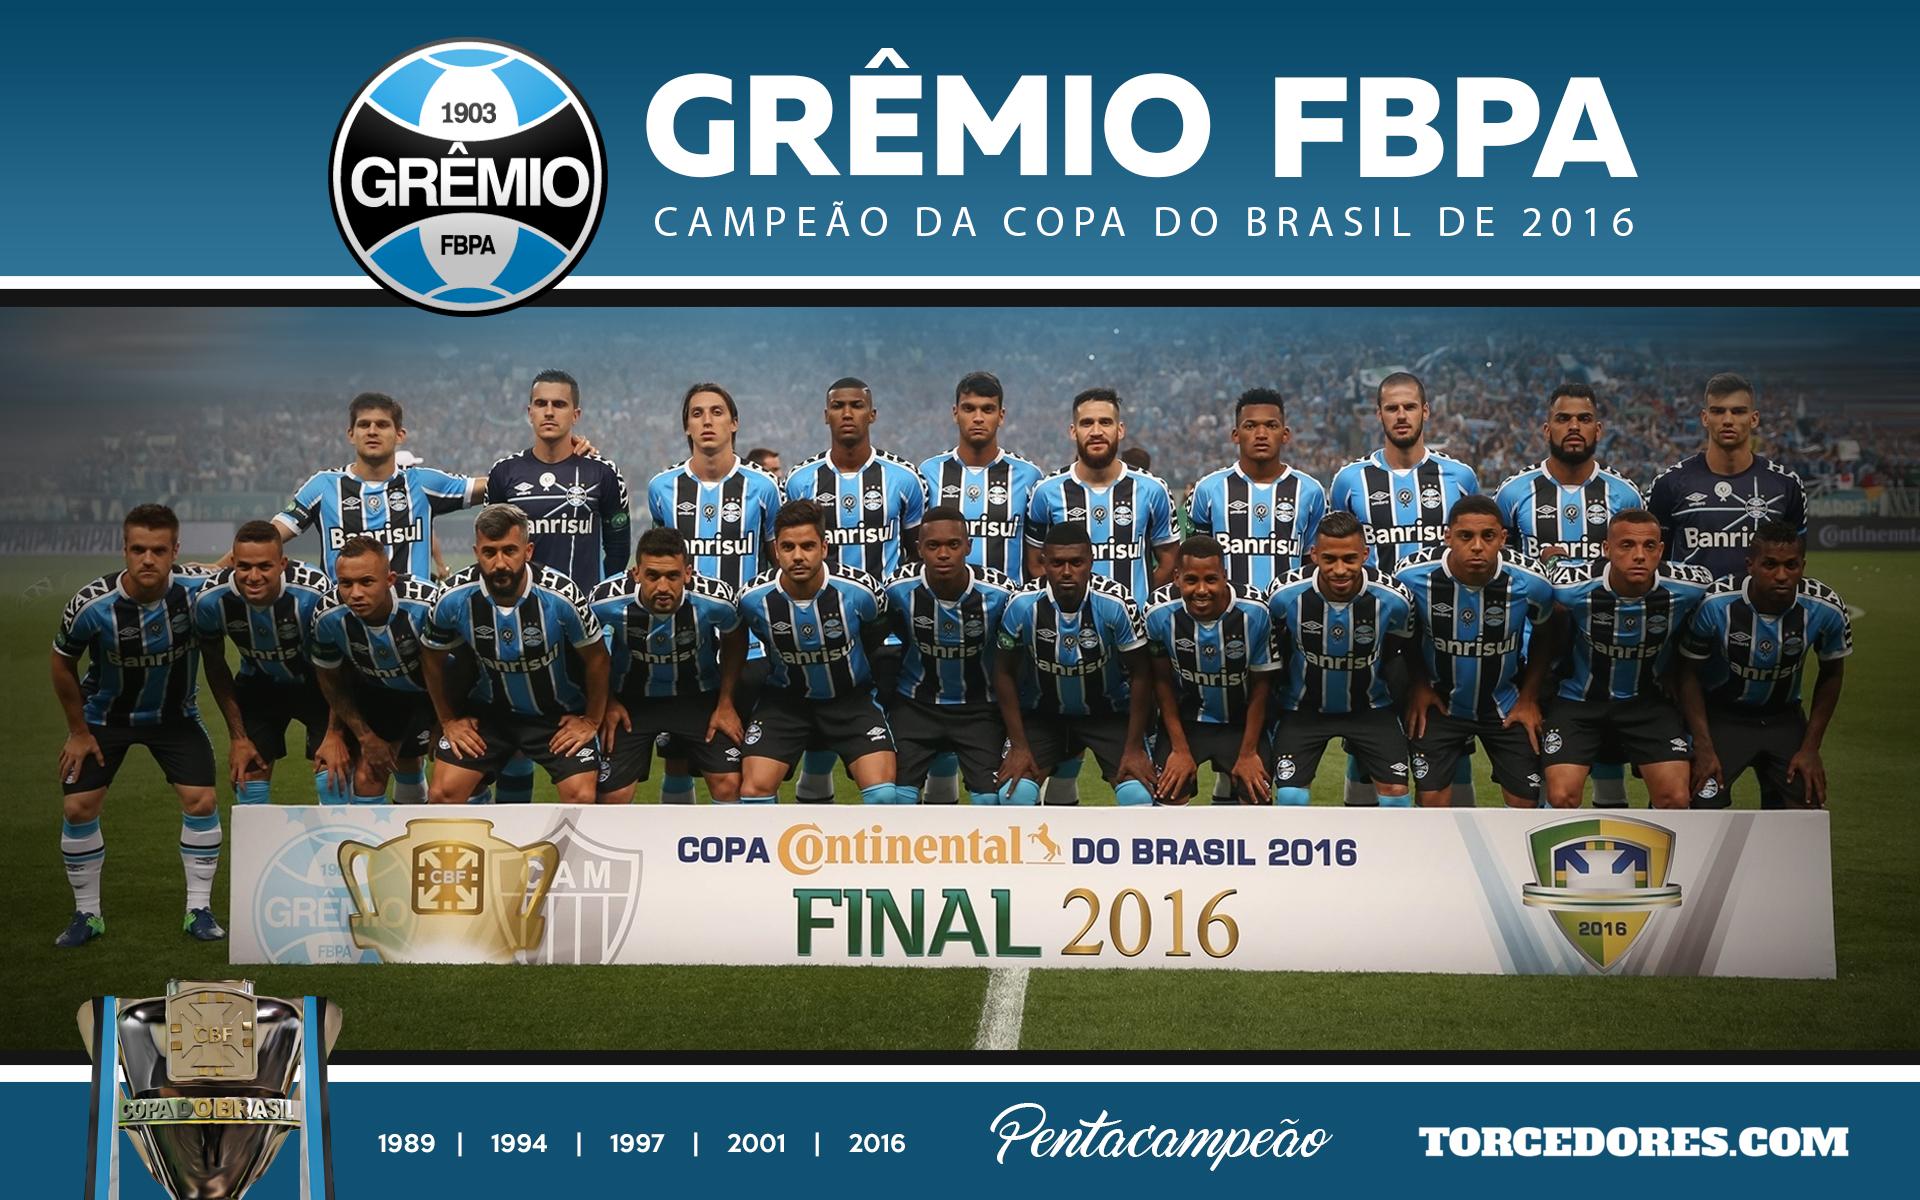 Grêmio campeão  baixe o pôster da conquista da Copa do Brasil 58c9fceb9f7fb